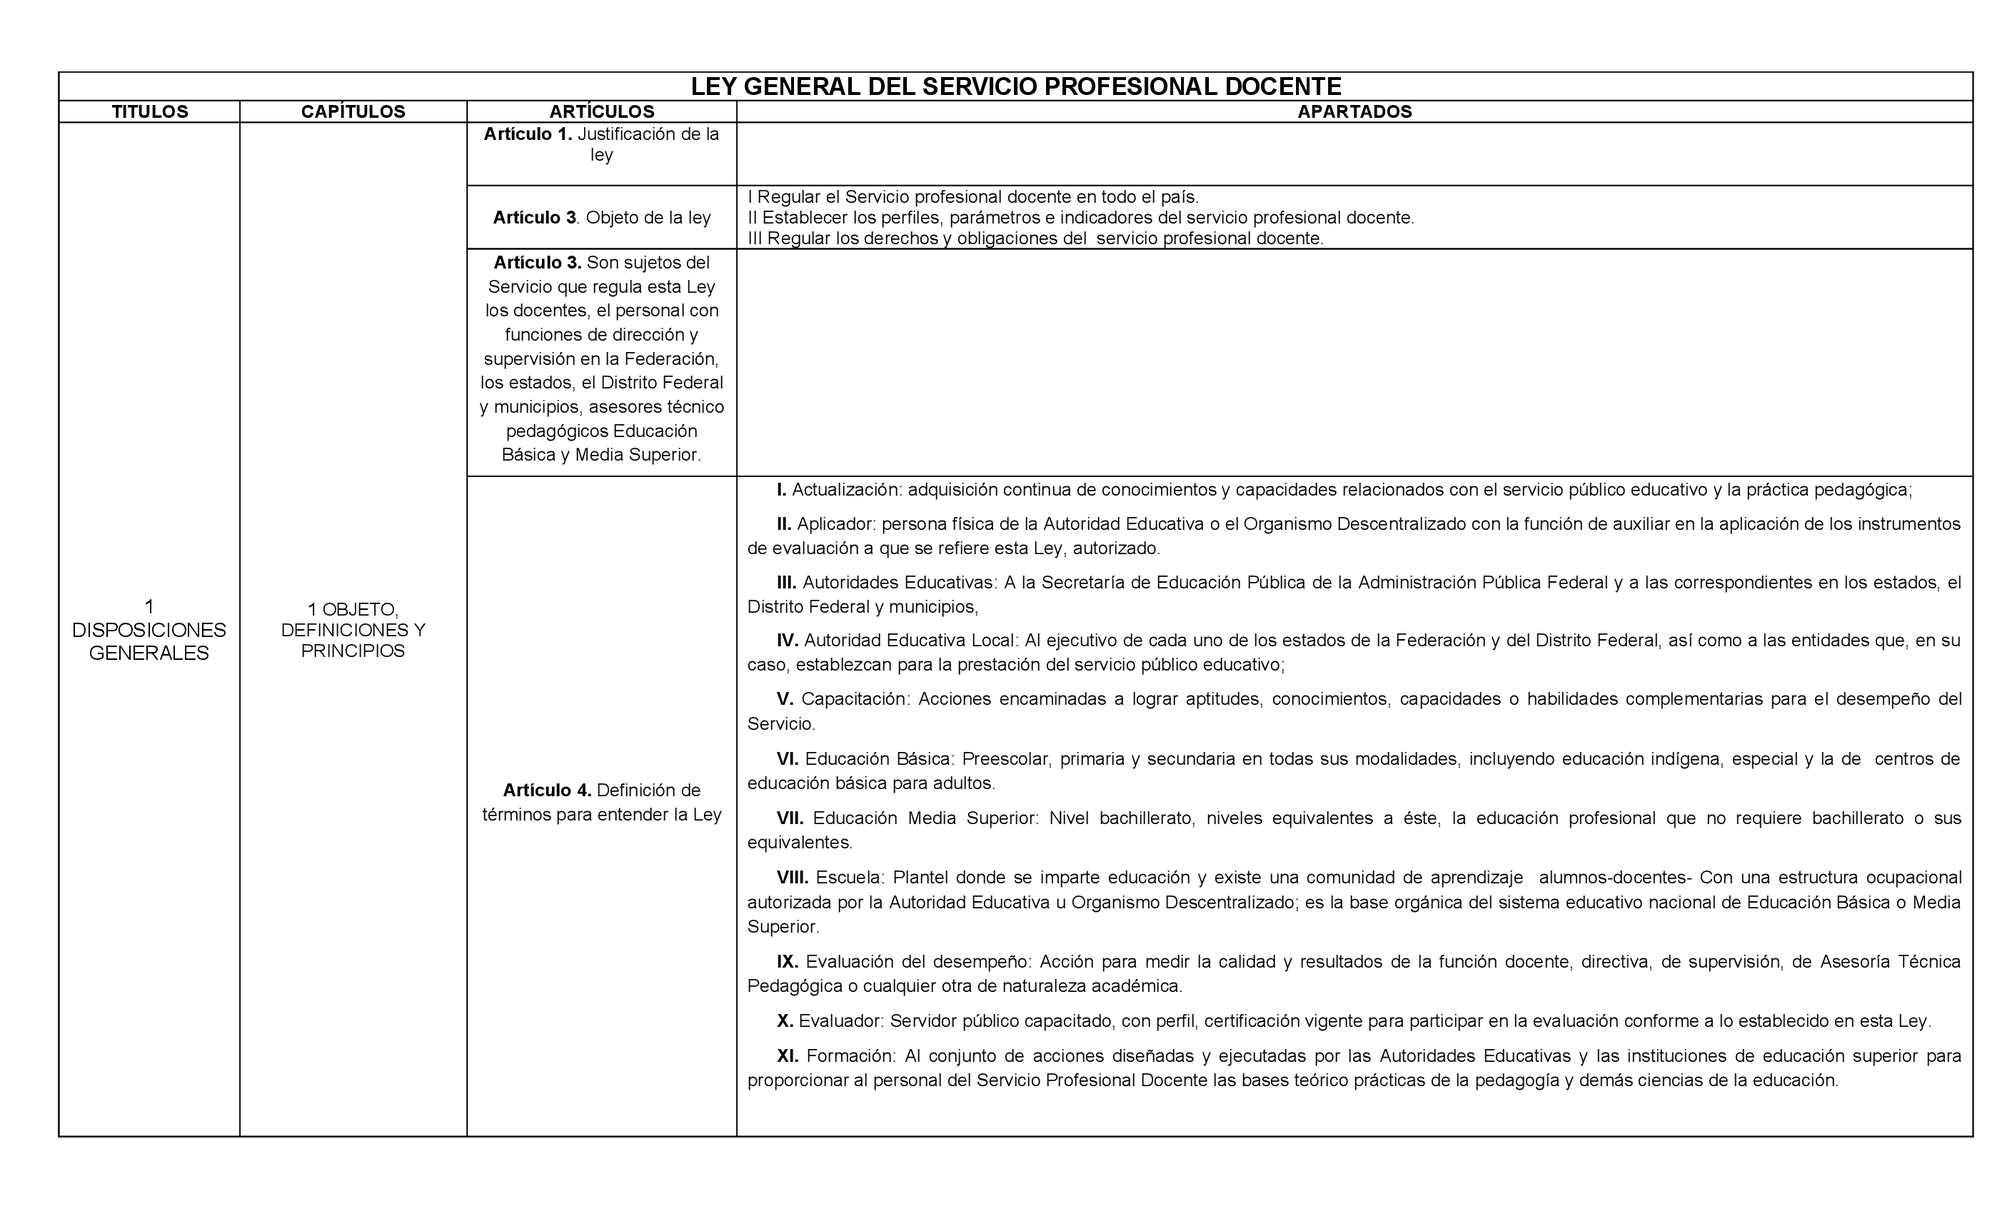 Resumen de la Ley General del Servicio Profesional Docente - CALAMEO ...